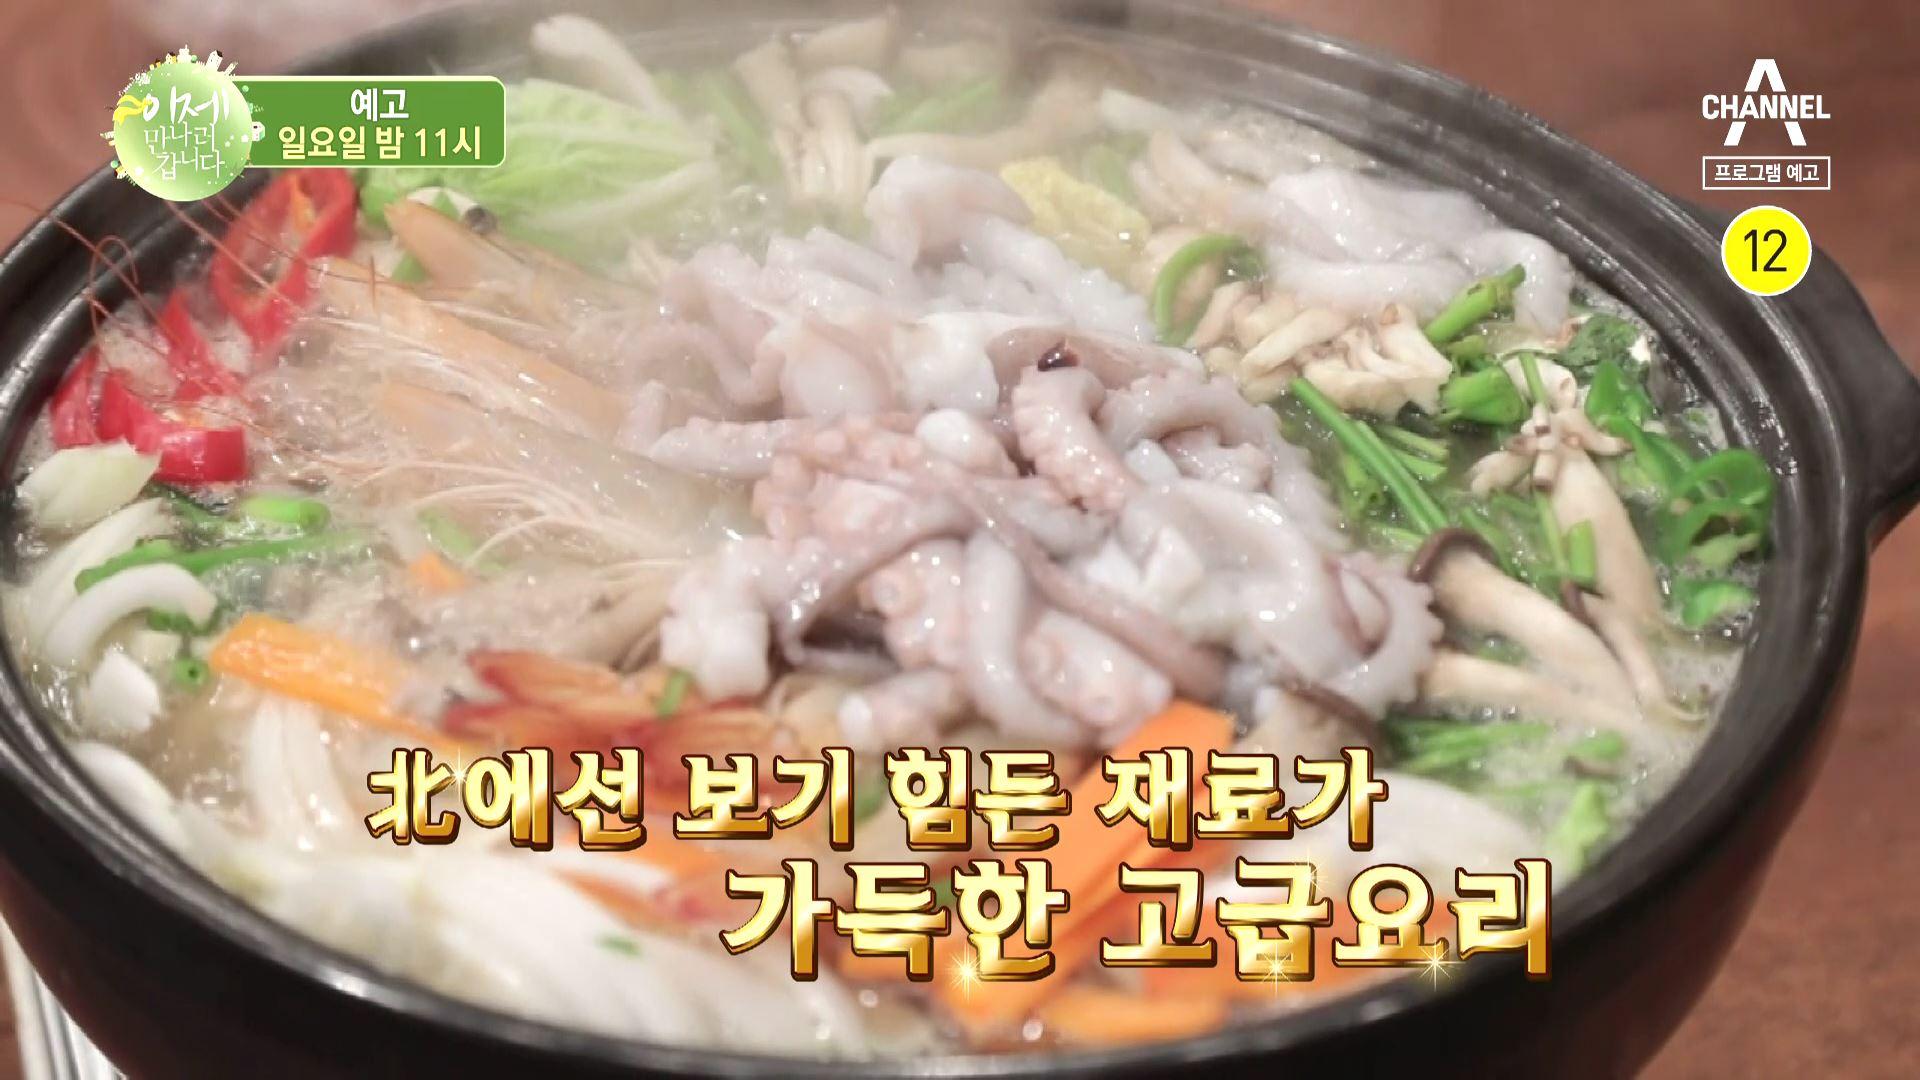 [예고] 김부자 담당 북한 1급 요리사! 북한 고위층이....